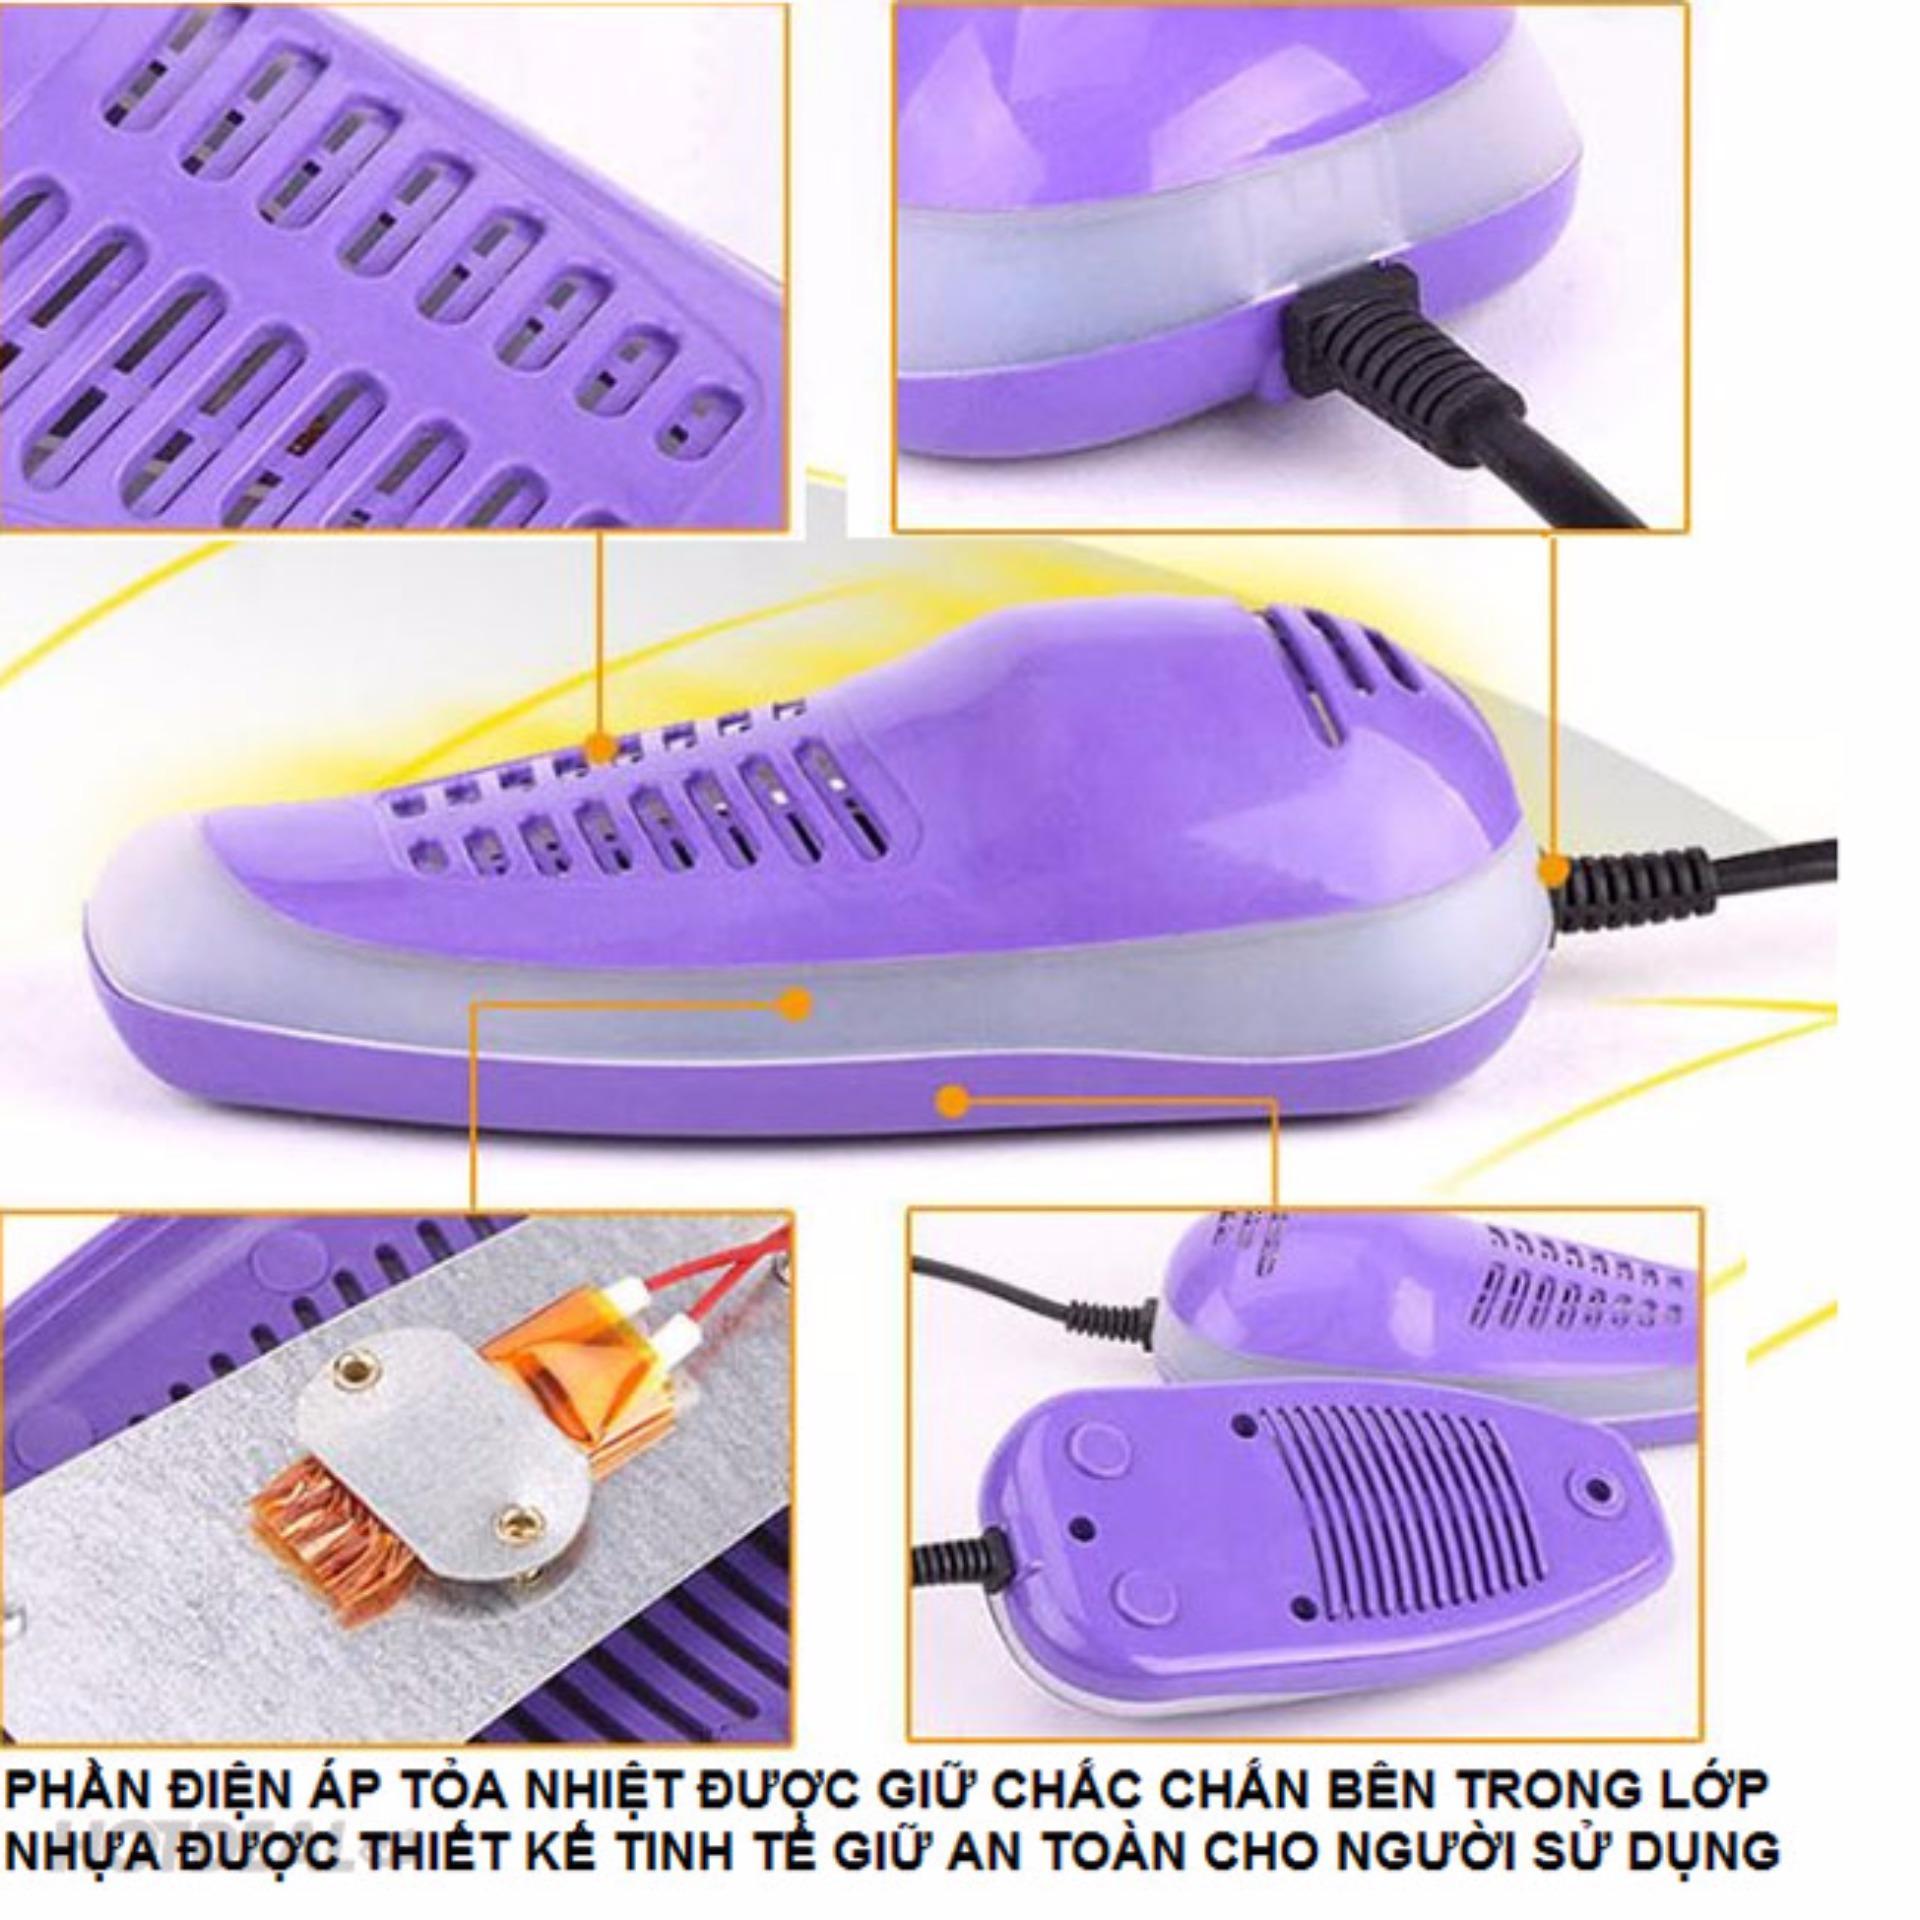 Máy Sấy Giày Cao Cấp 14W Khử Mùi Hôi Tỏa Nhiệt 60 Độ